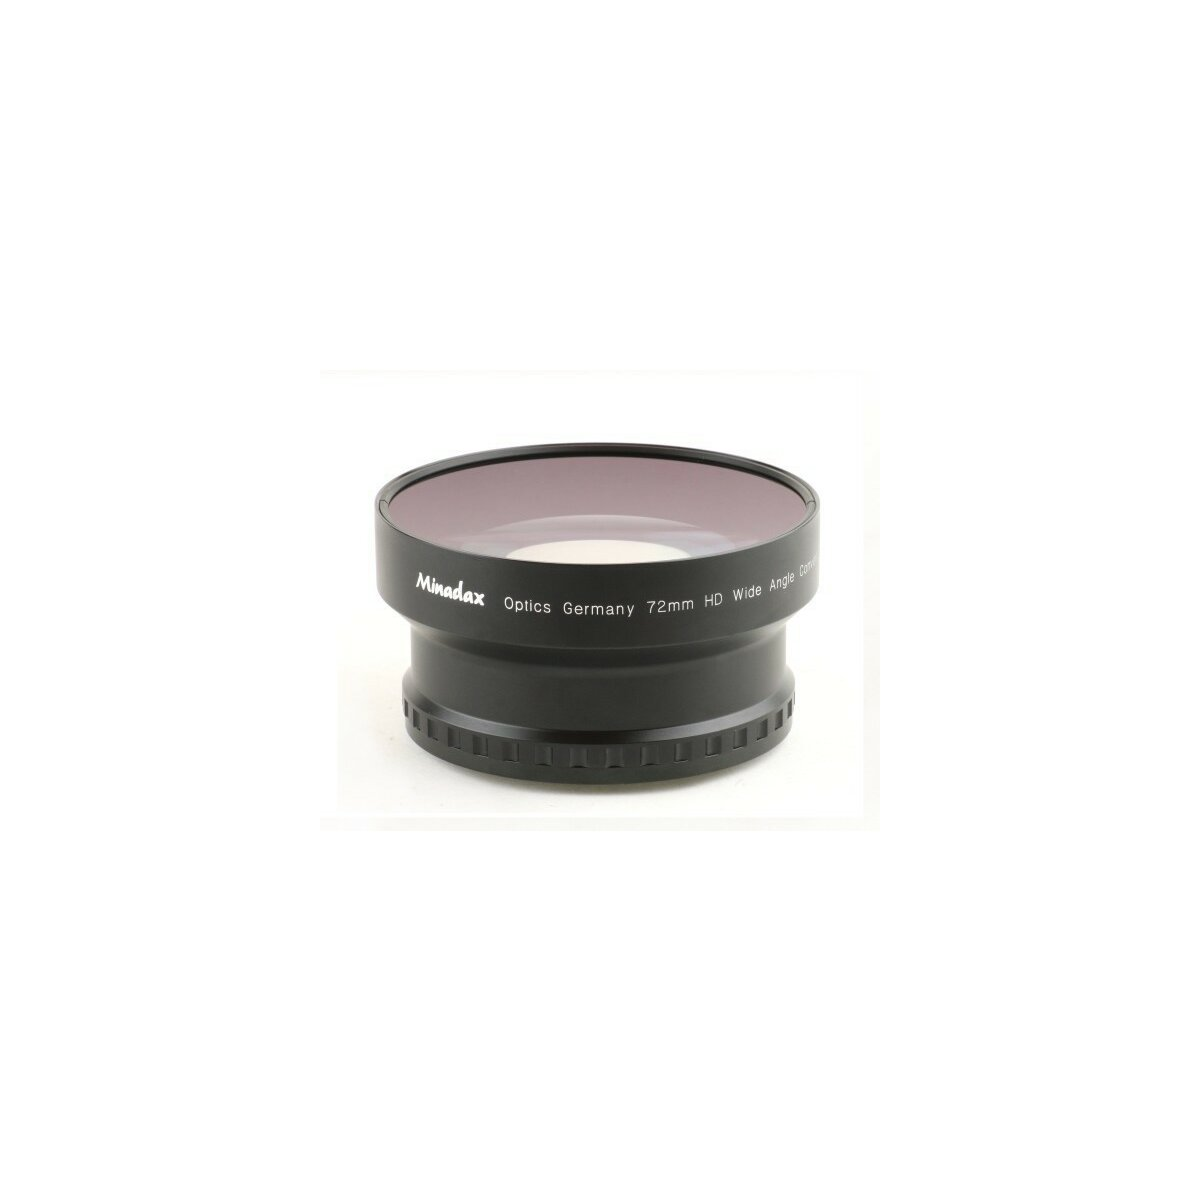 0.7x Minadax HD Weitwinkel Objektiv Vorsatz kompatibel mit Sony HDR-FX1, HDR-FX1000, HVR-S270, HVR-Z1, HVR-Z5, HVR-Z7 (Voll durchzoombar)